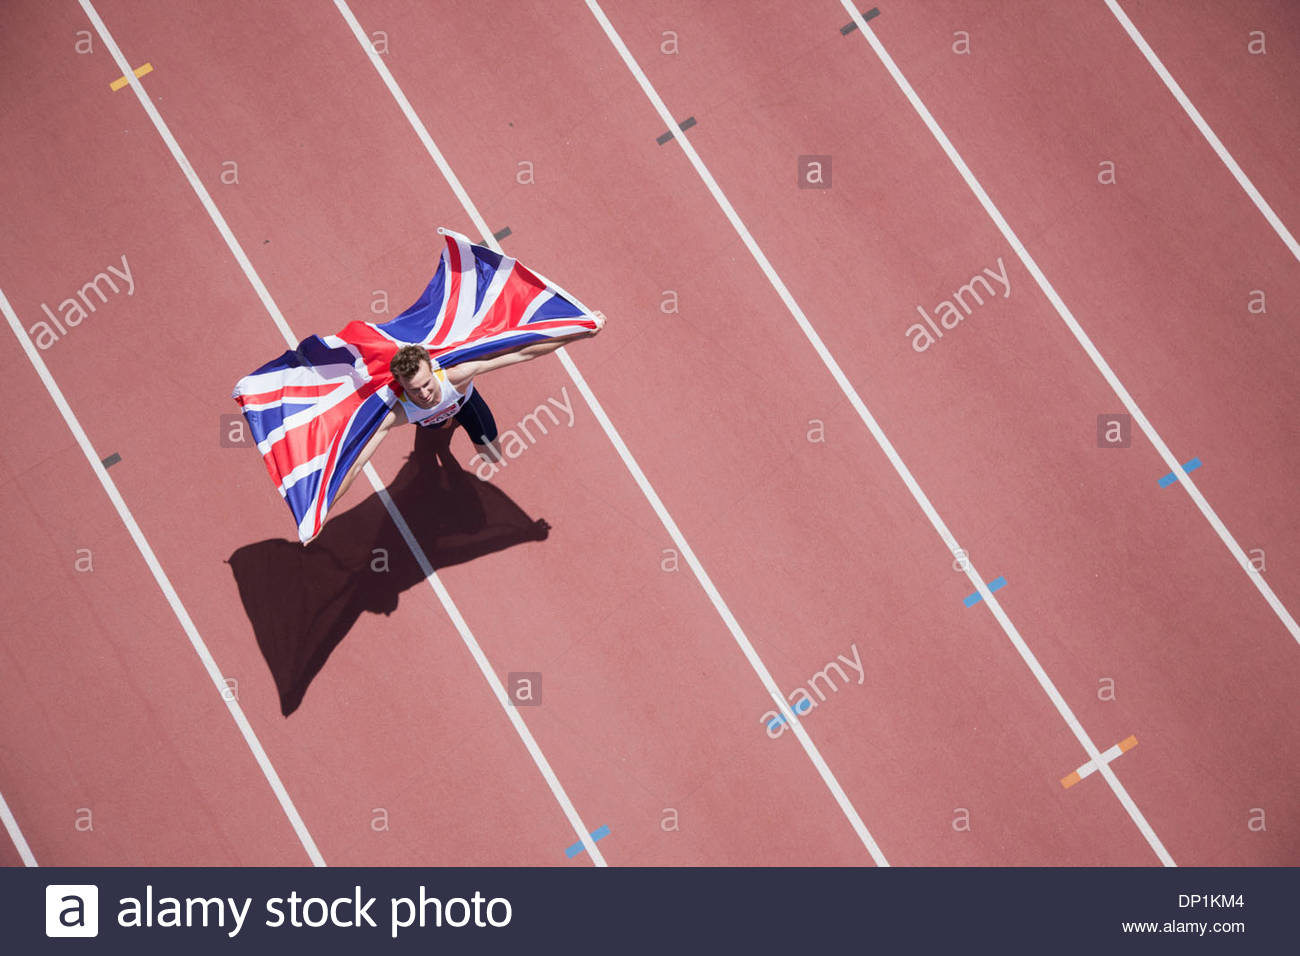 Läufer mit britischer Flagge auf dem richtigen Weg zu feiern Stockbild